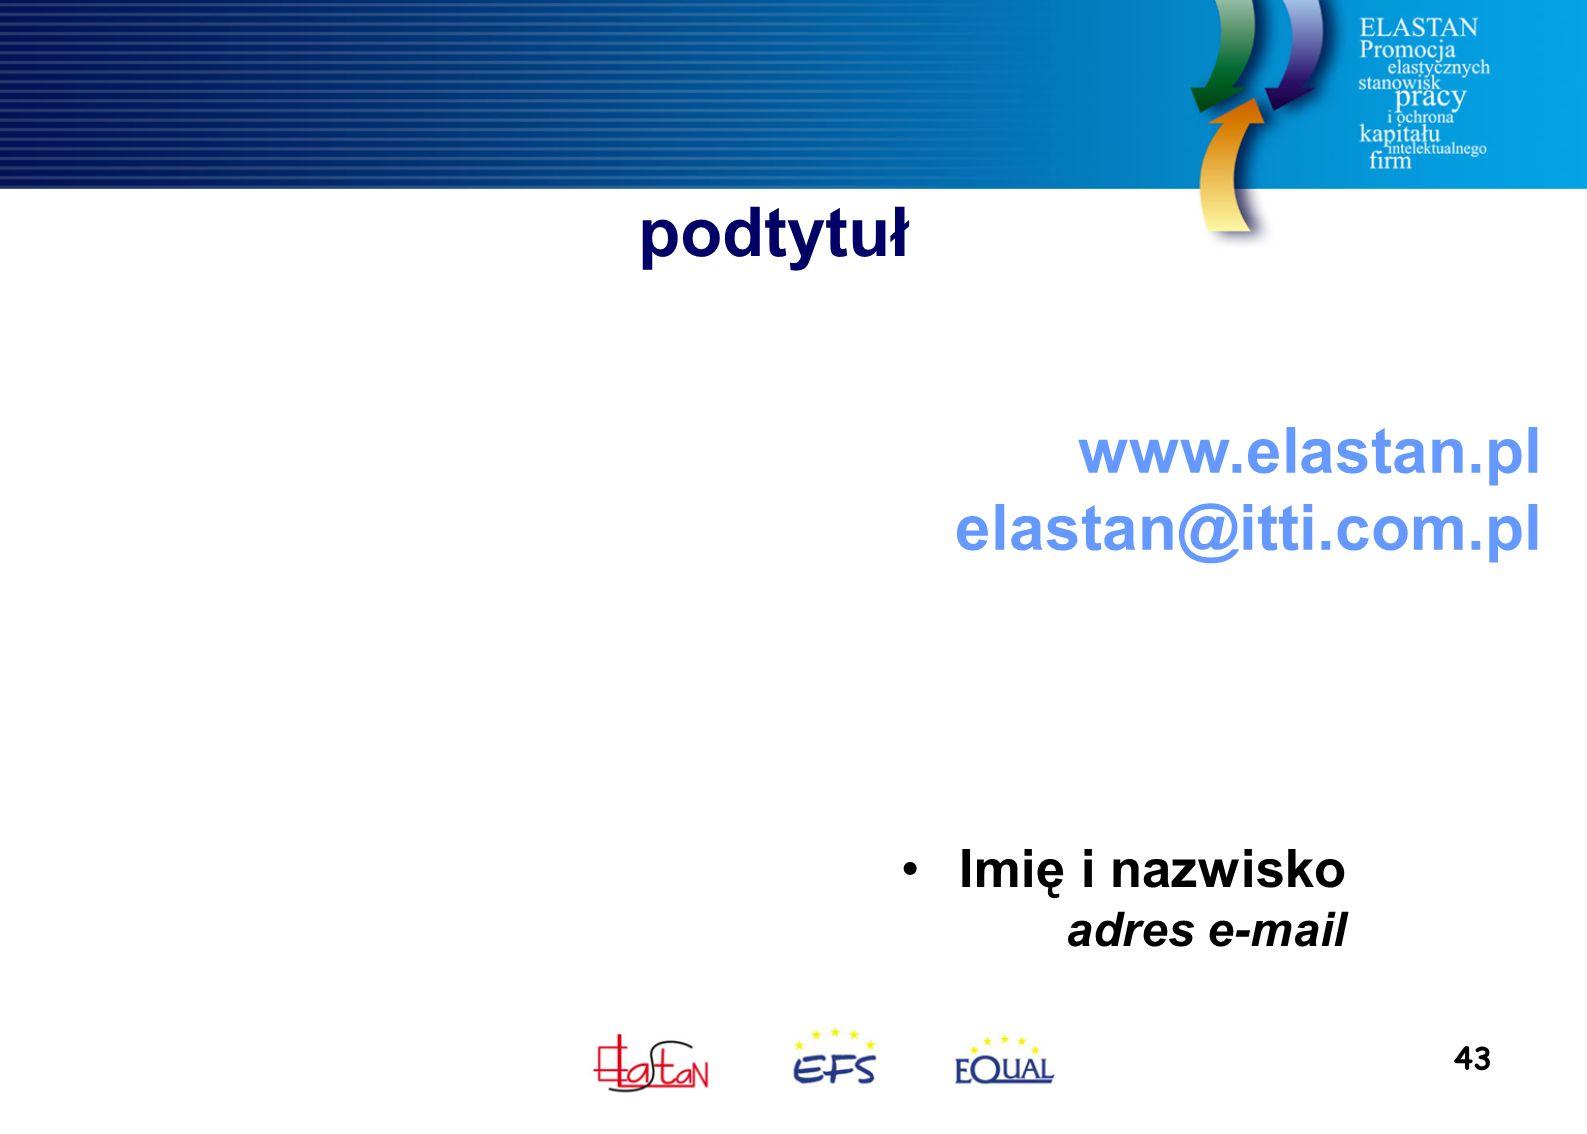 43 podtytuł www.elastan.pl elastan@itti.com.pl Imię i nazwisko adres e-mail